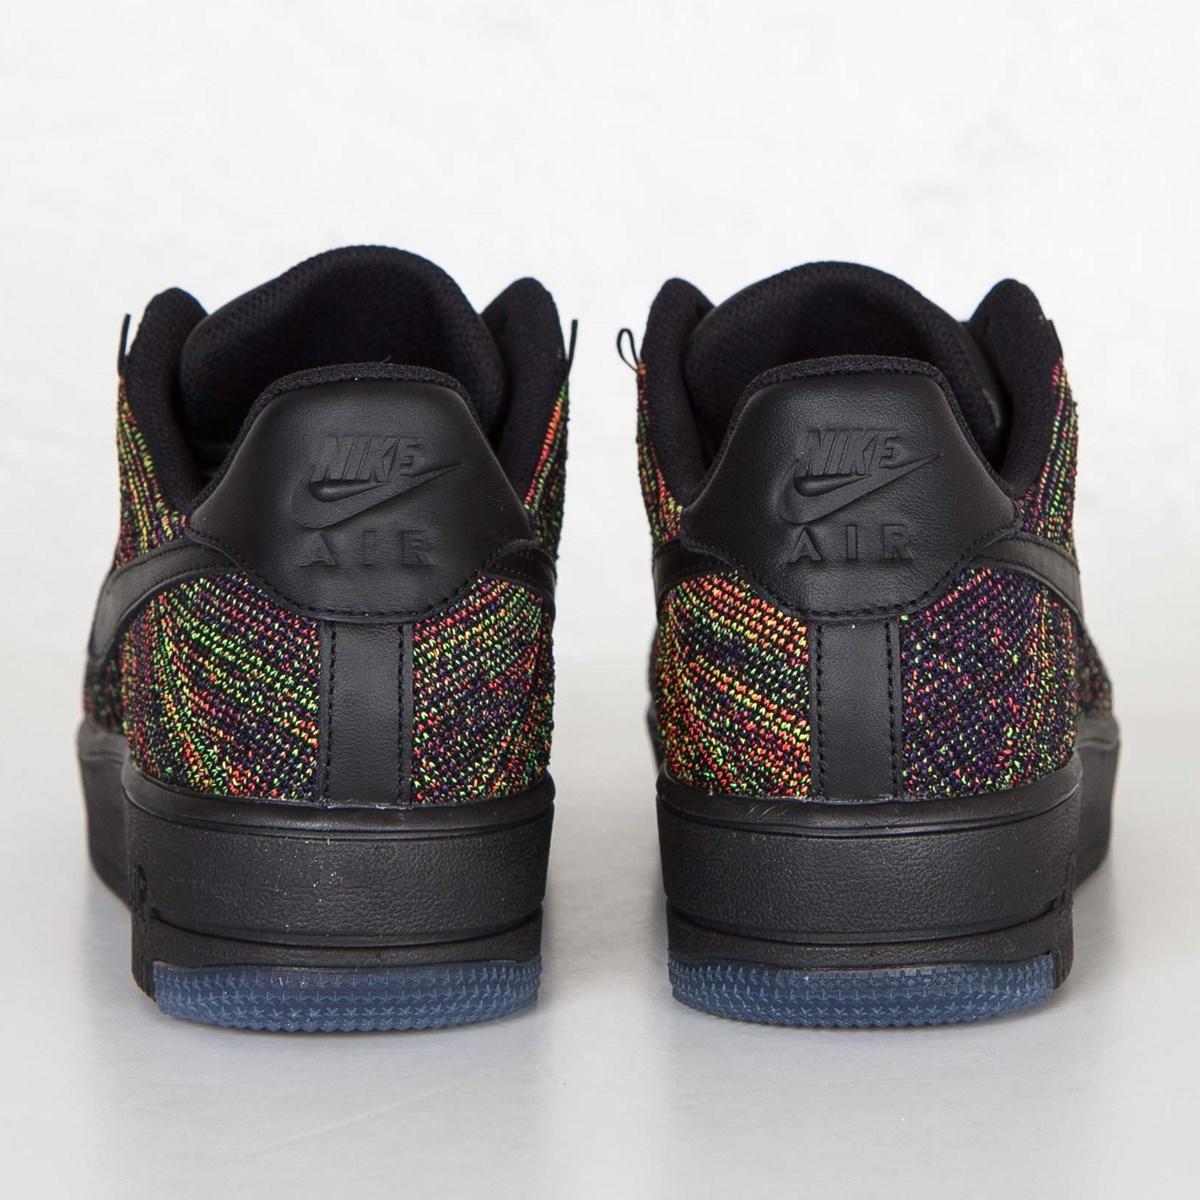 huge selection of 13716 6d056 Nike AF1 Ultra Flyknit Low - 817419-001 - Sneakersnstuff   sneakers    streetwear online since 1999